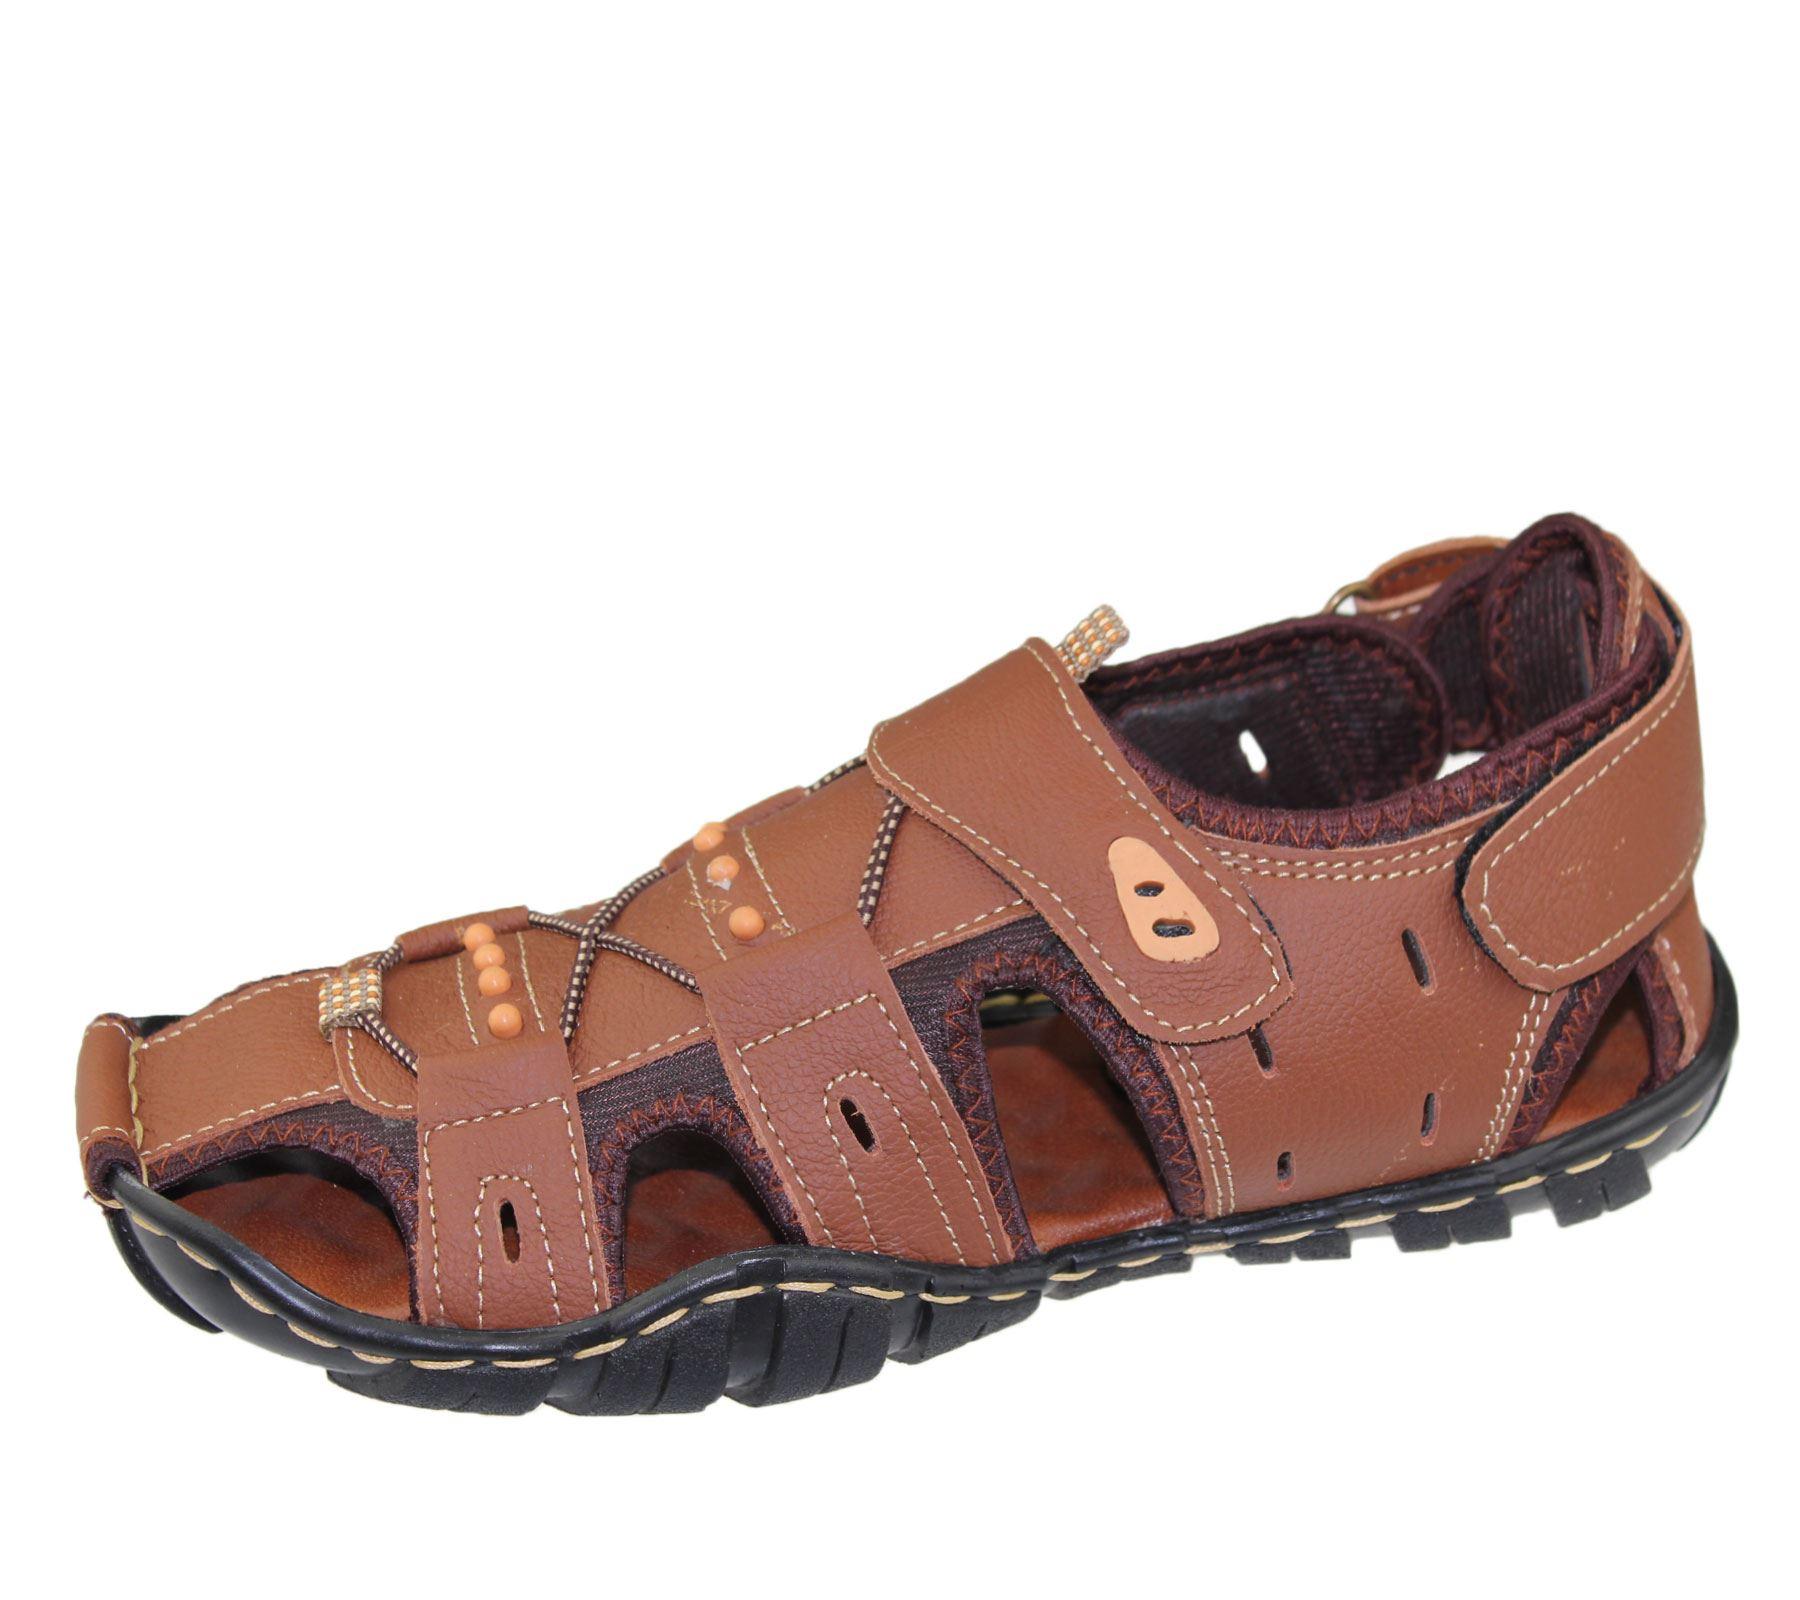 Mens-Sandal-Beach-Buckle-Walking-Fashion-Summer-Casual-Slipper miniatura 15